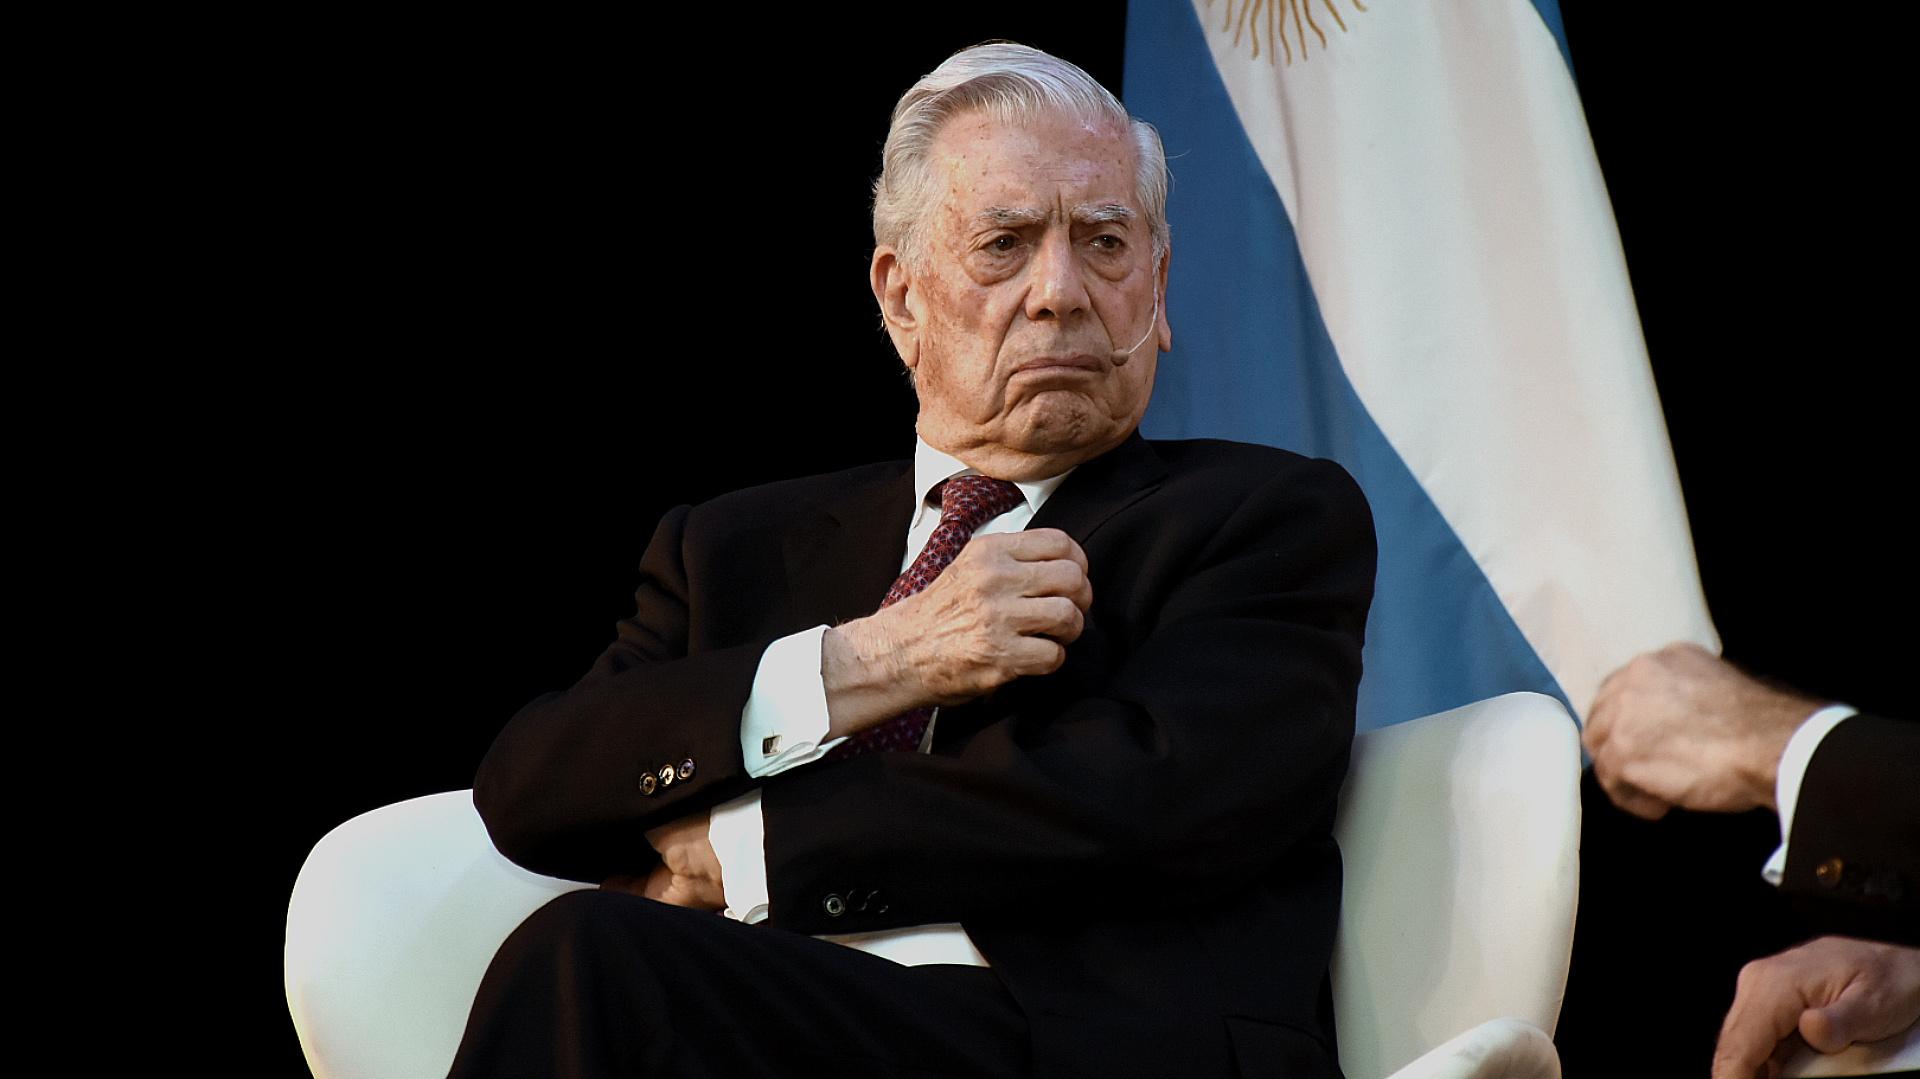 El Premio Nobel de Literatura, Mario Vargas Llosa